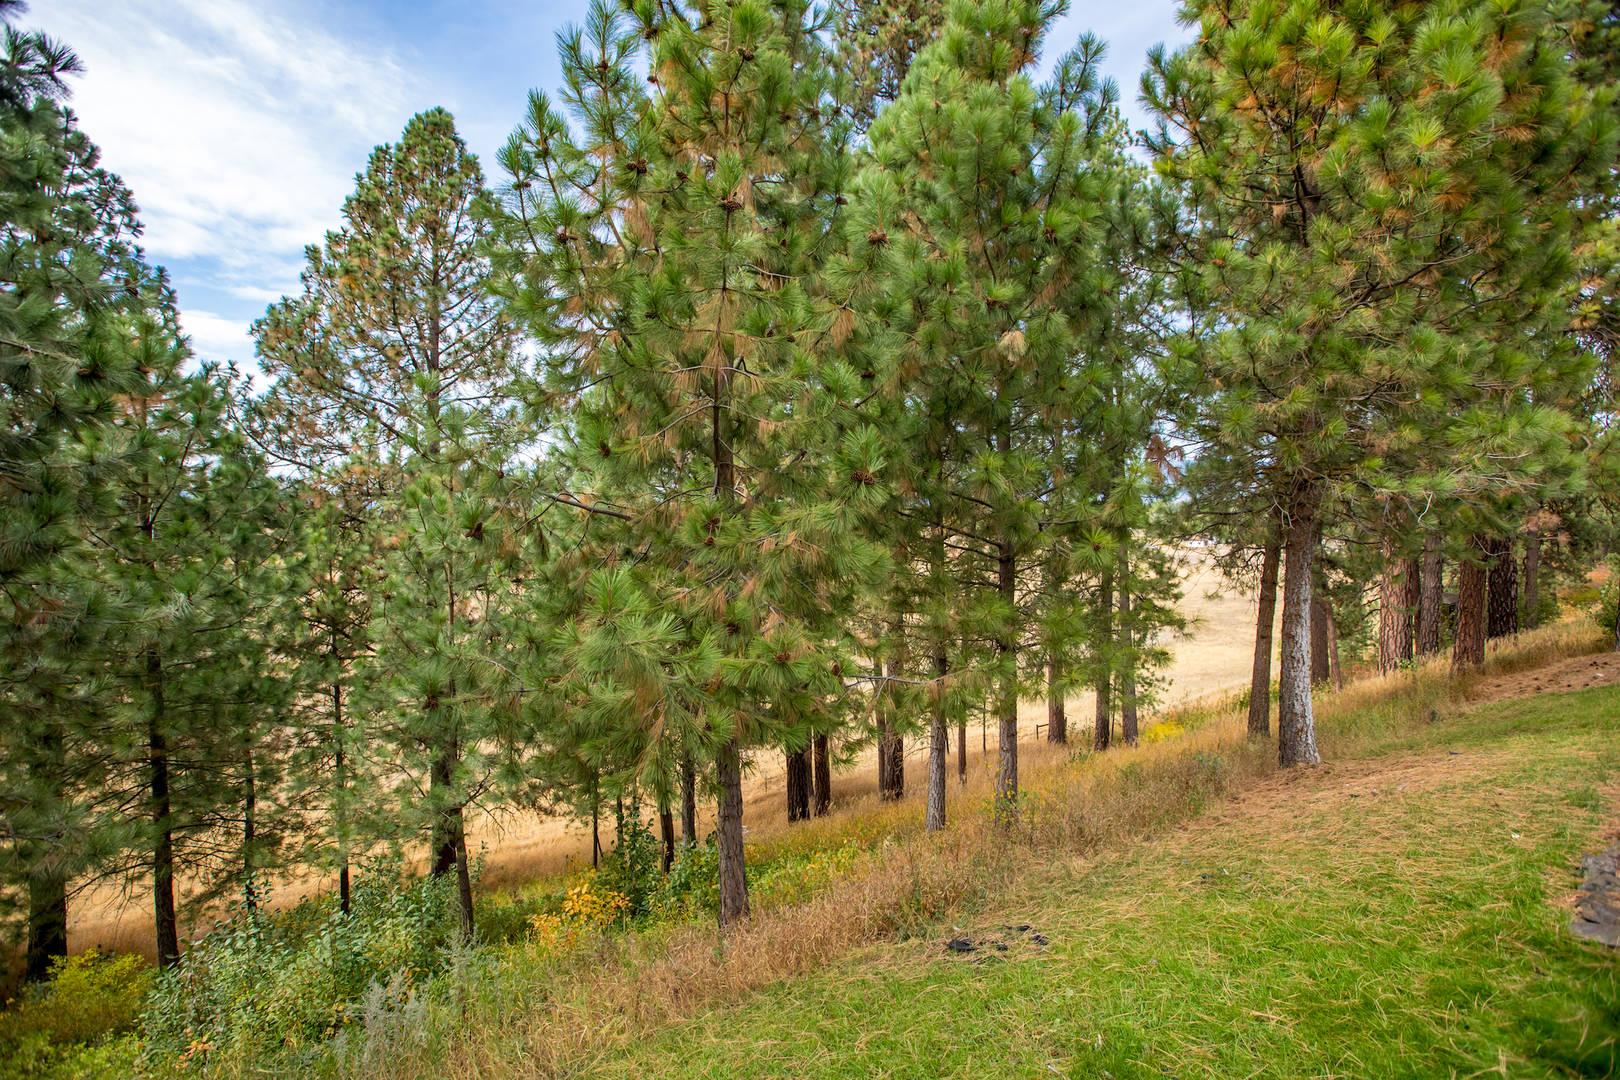 226 S. Hilltop Road Columbia Falls, MT 59912